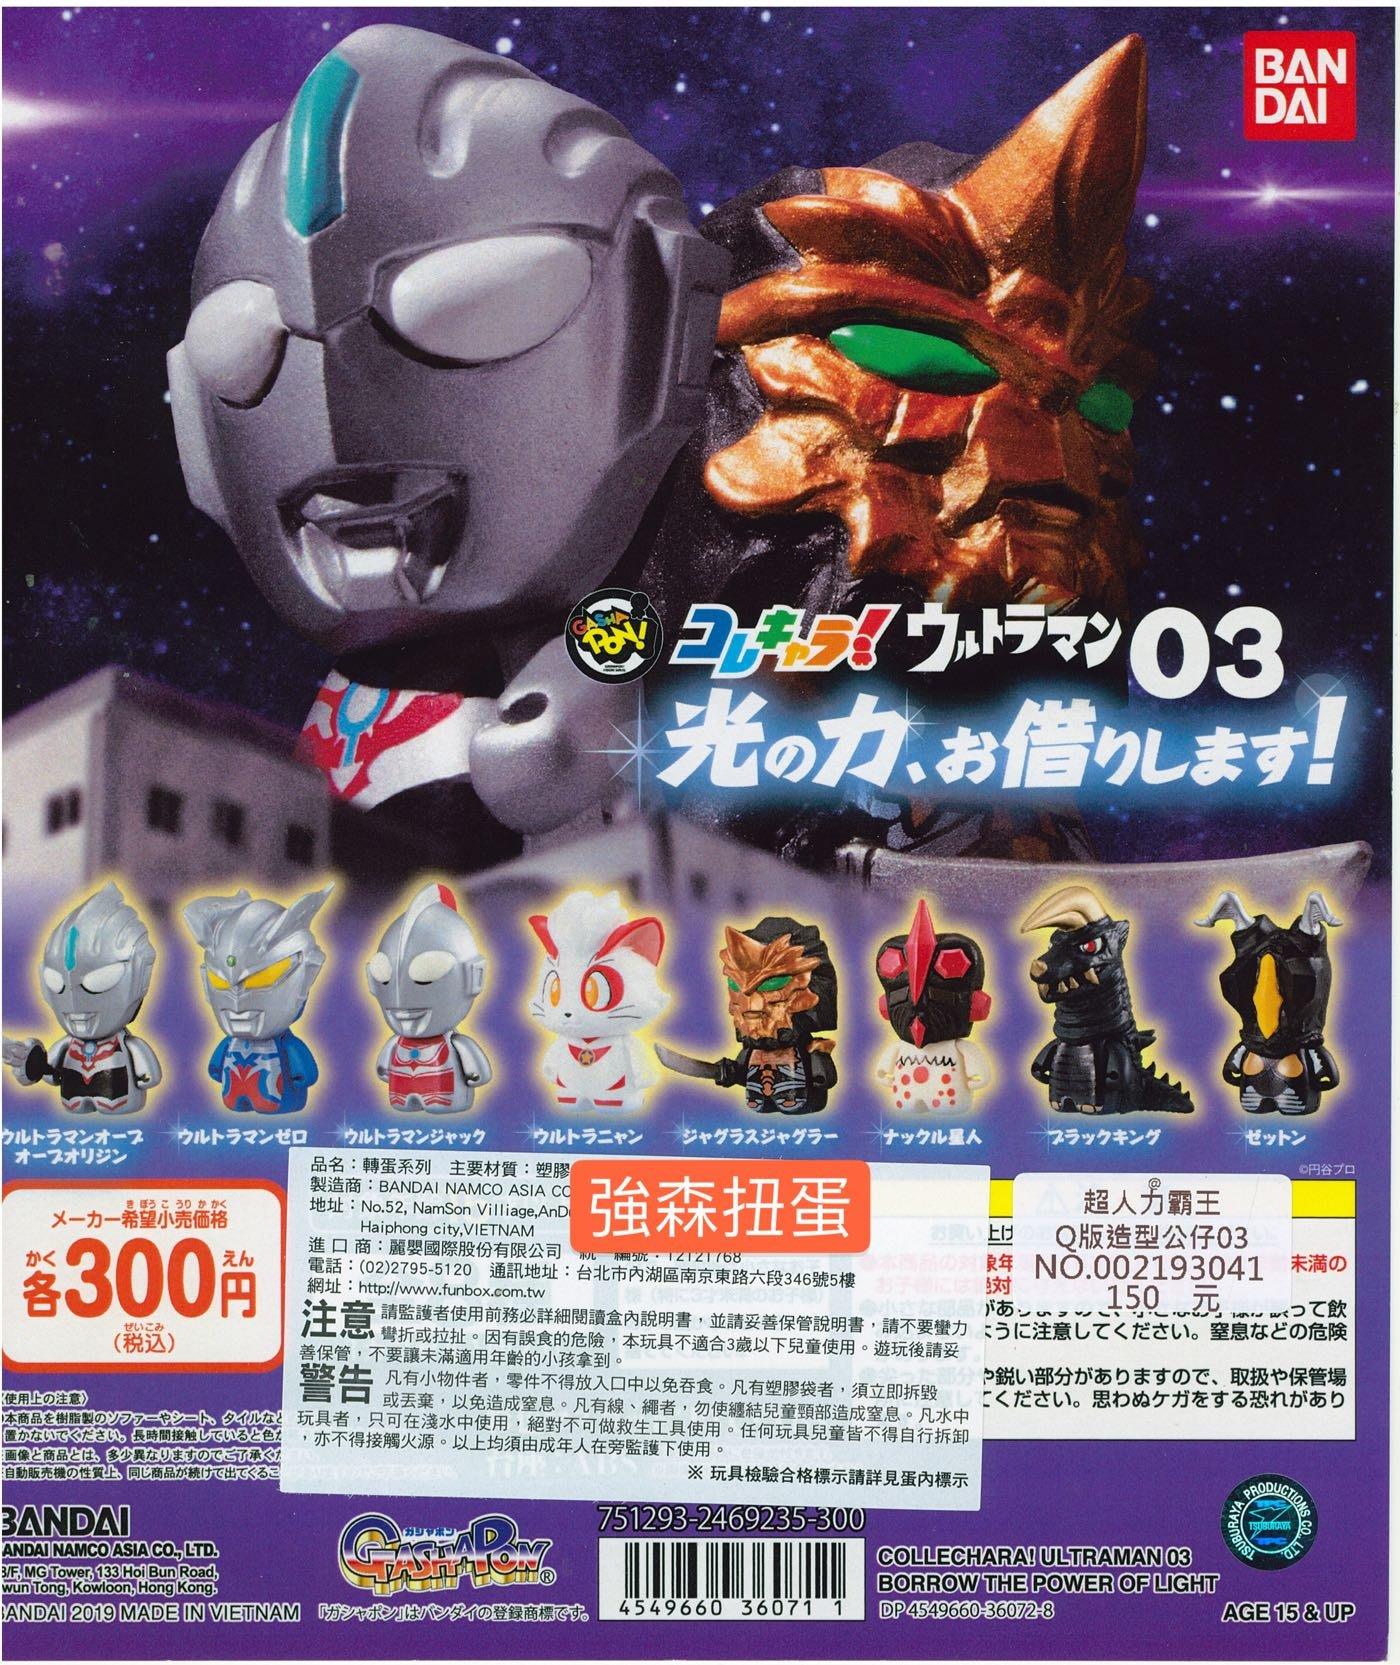 強森扭蛋 轉蛋 現貨 萬代 BANDAI 超人力霸王Q版造型公仔03 全8種 整套販售